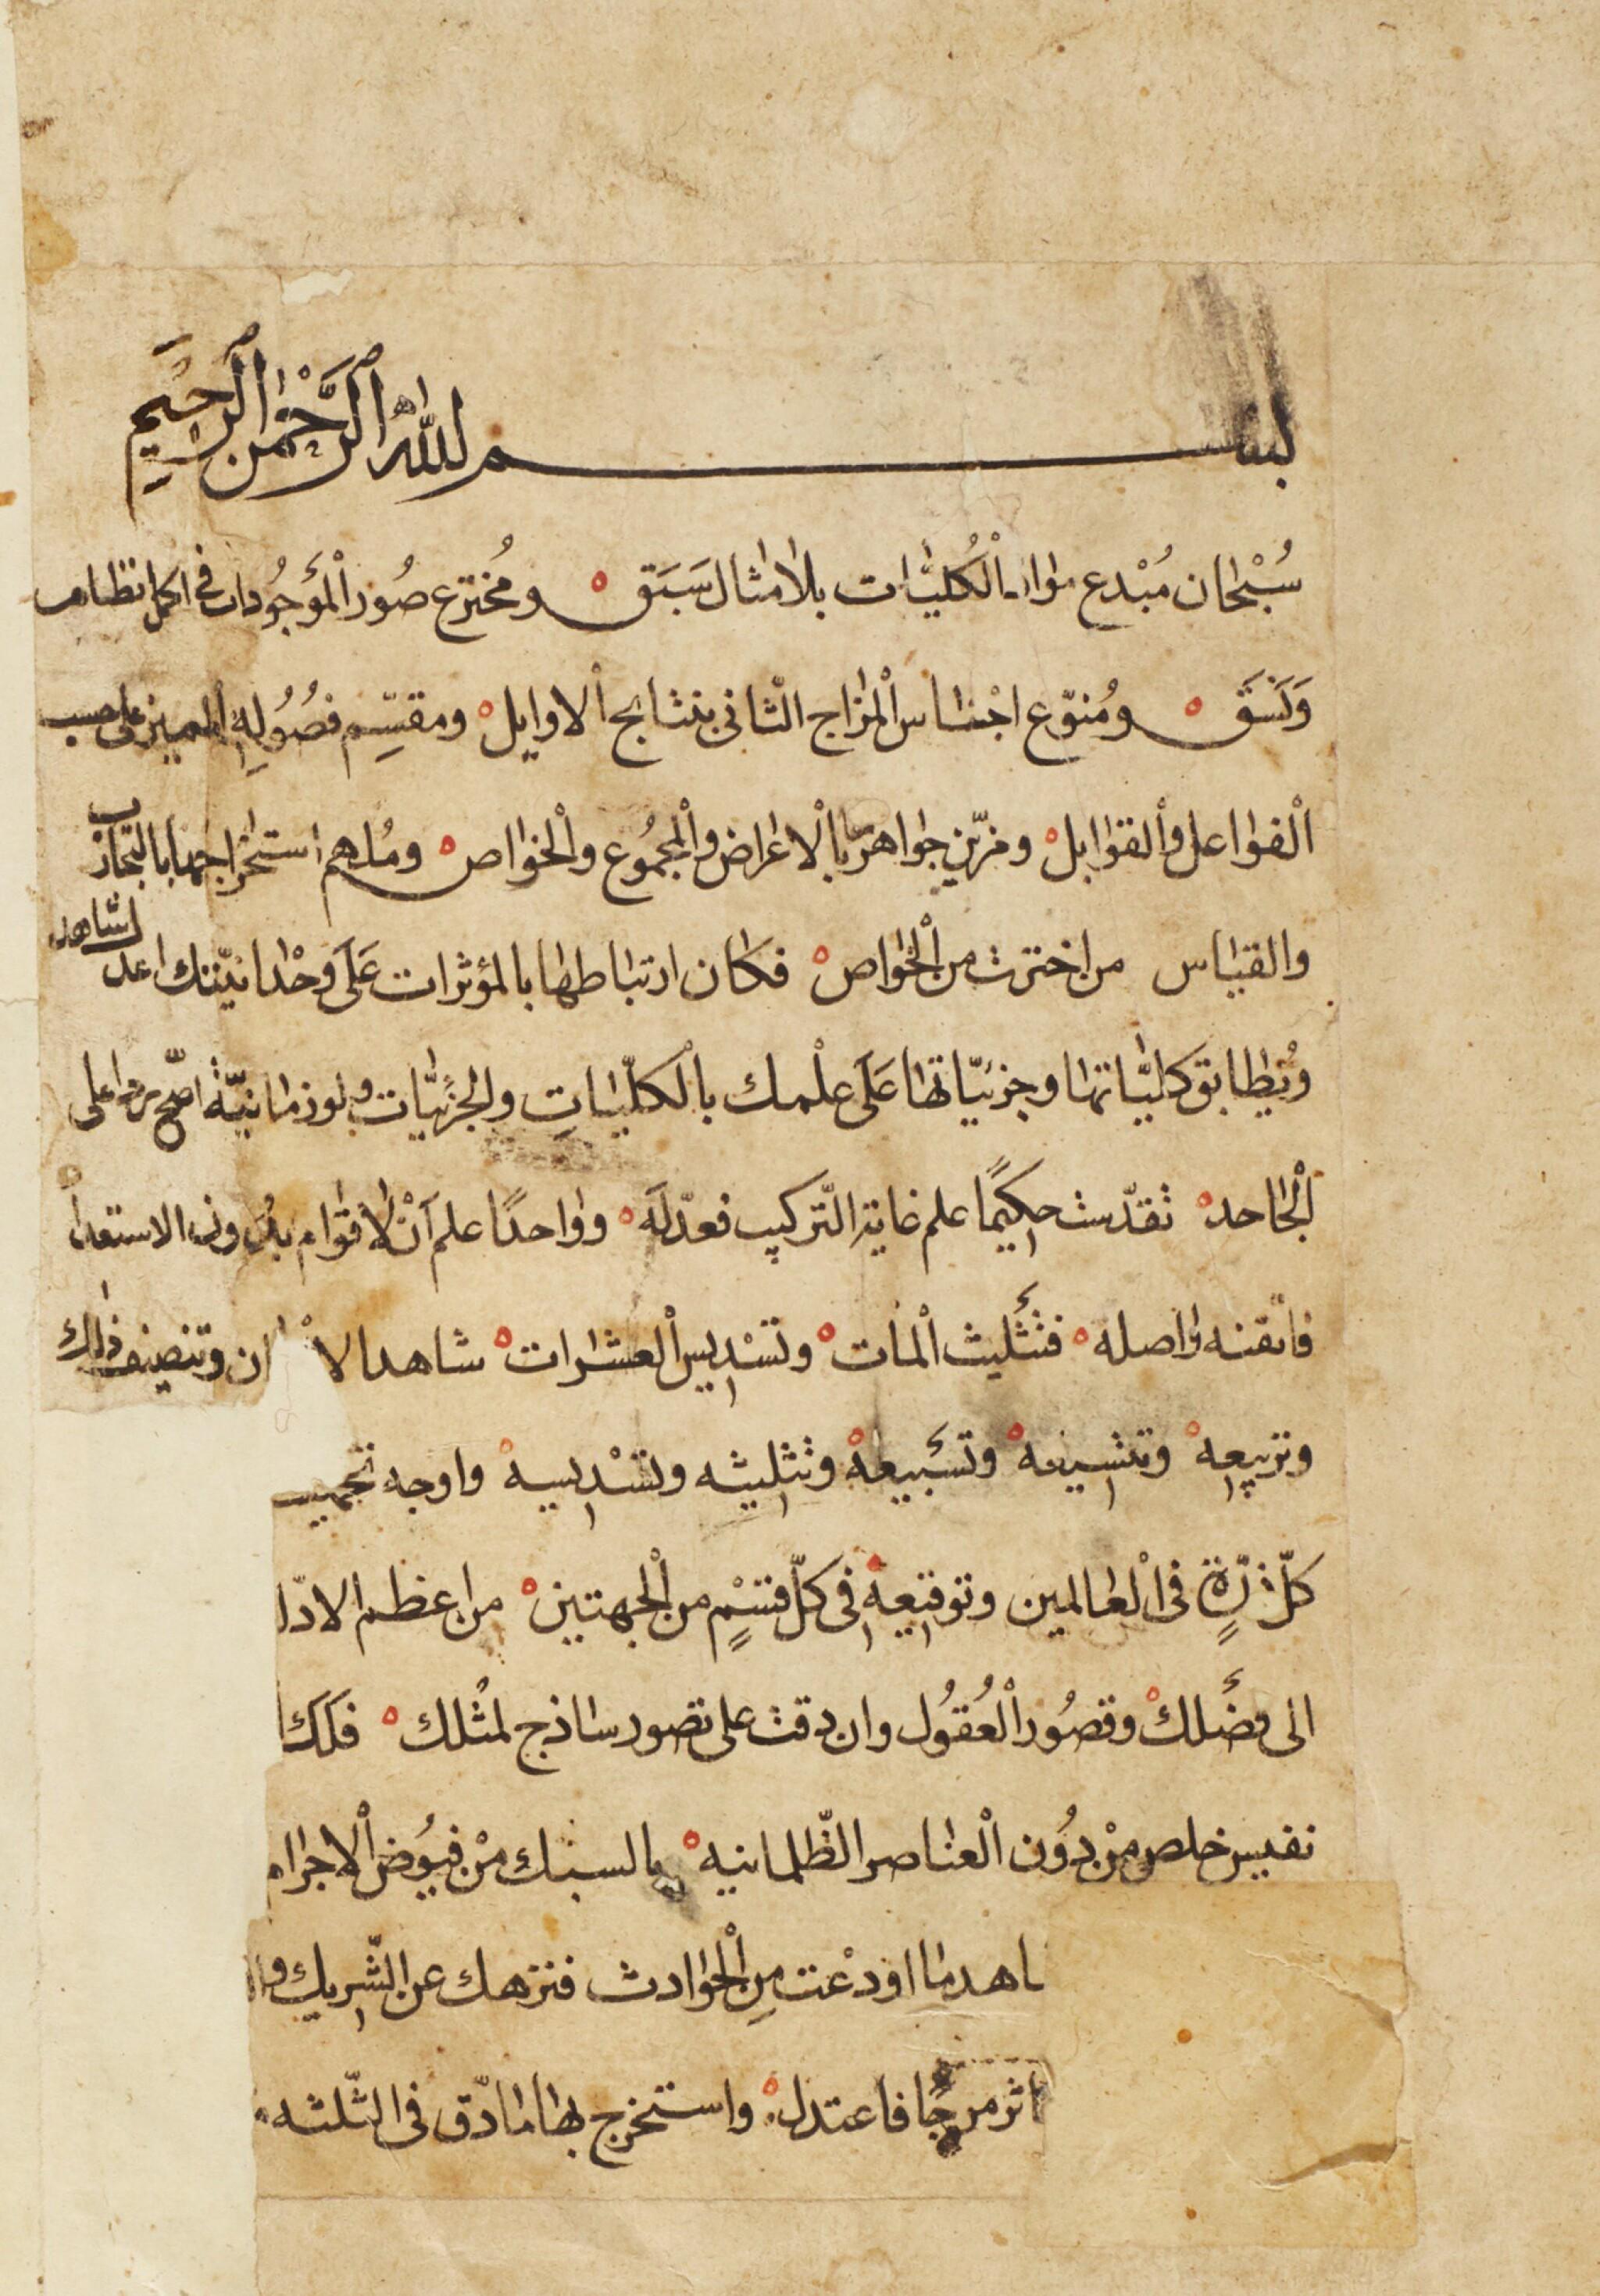 View full screen - View 1 of Lot 117. DAUD B. 'UMAR AL-DARIR AL-ANTAKI (D.1599), TADHKIRA ULI AL-ALBAB WA'L-JAMI' LI AL-AJAB AL-UJAB, A MEDICAL COMPENDIUM, NEAR EAST, OTTOMAN, DATED 1108 AH/1697 AD.